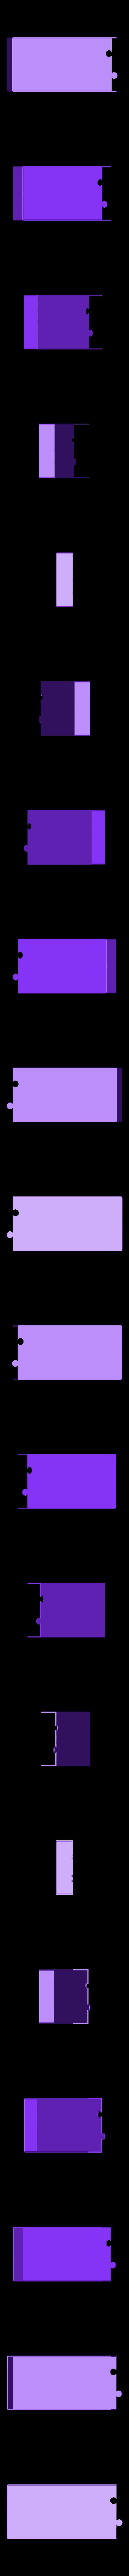 Long_tray_left.stl Télécharger fichier STL gratuit Plateaux de chariots à outils • Objet pour imprimante 3D, Darrens_Workshop